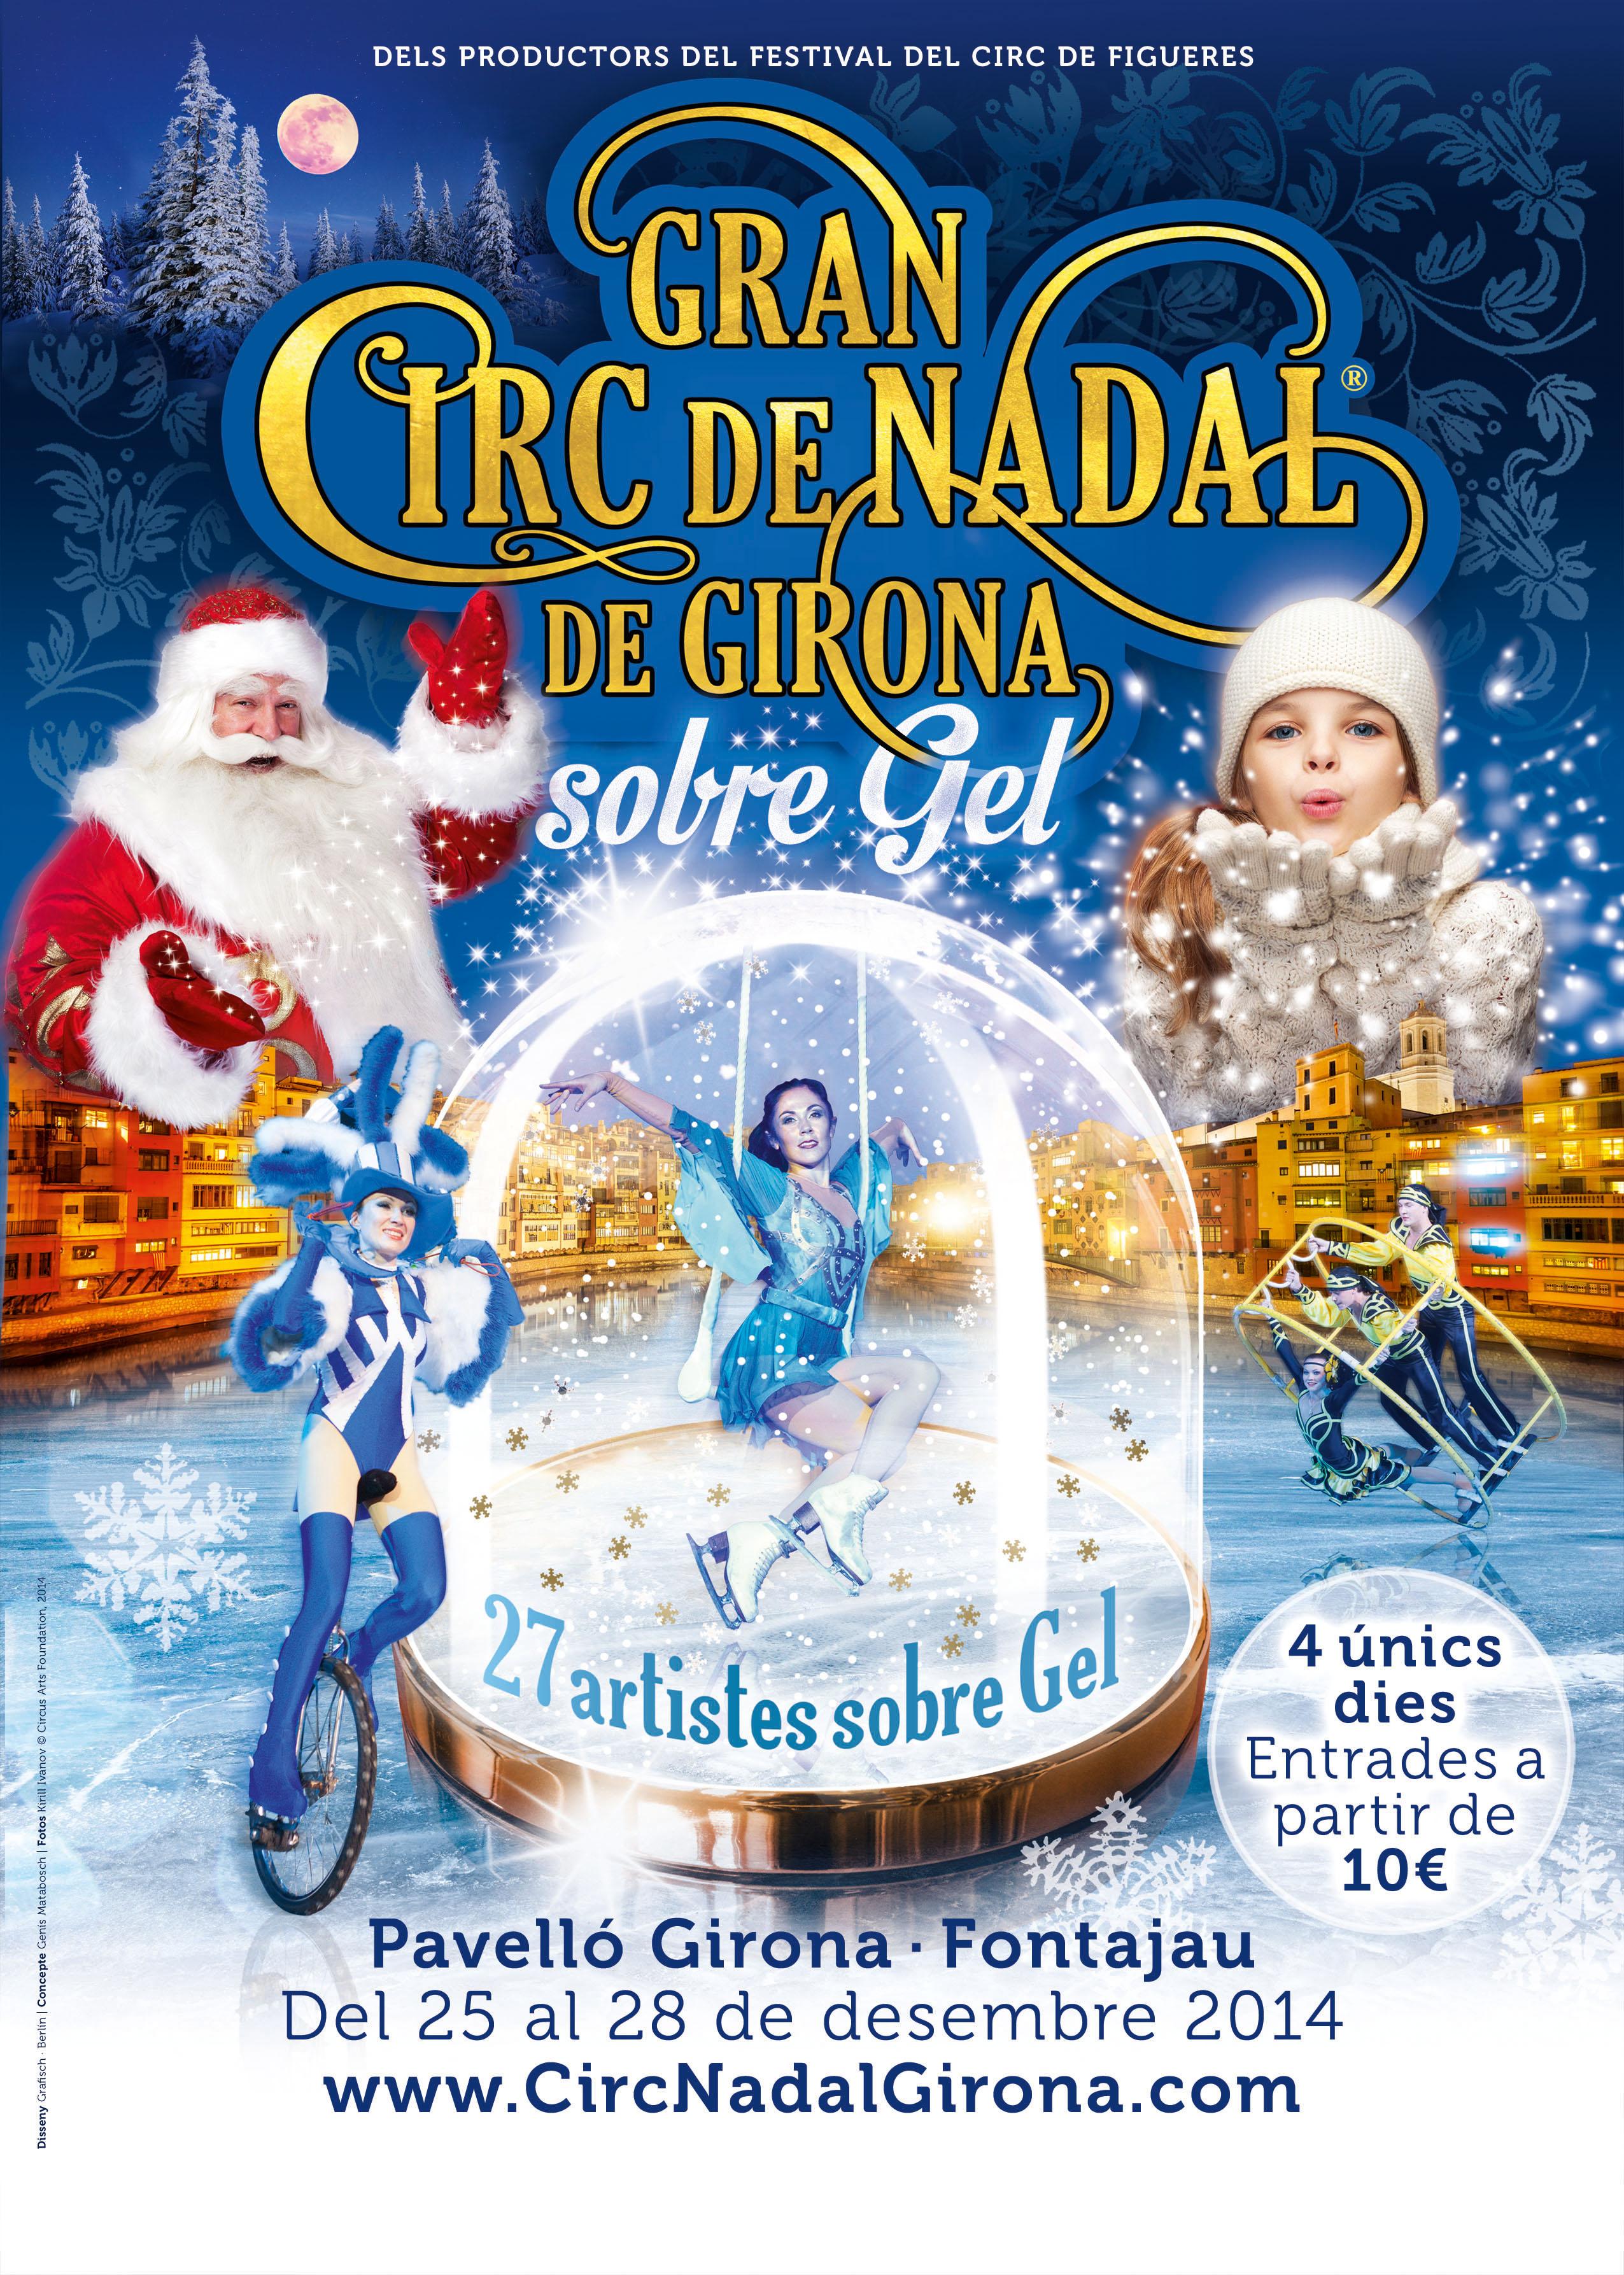 CIRC DE NADAL DE GIRONA